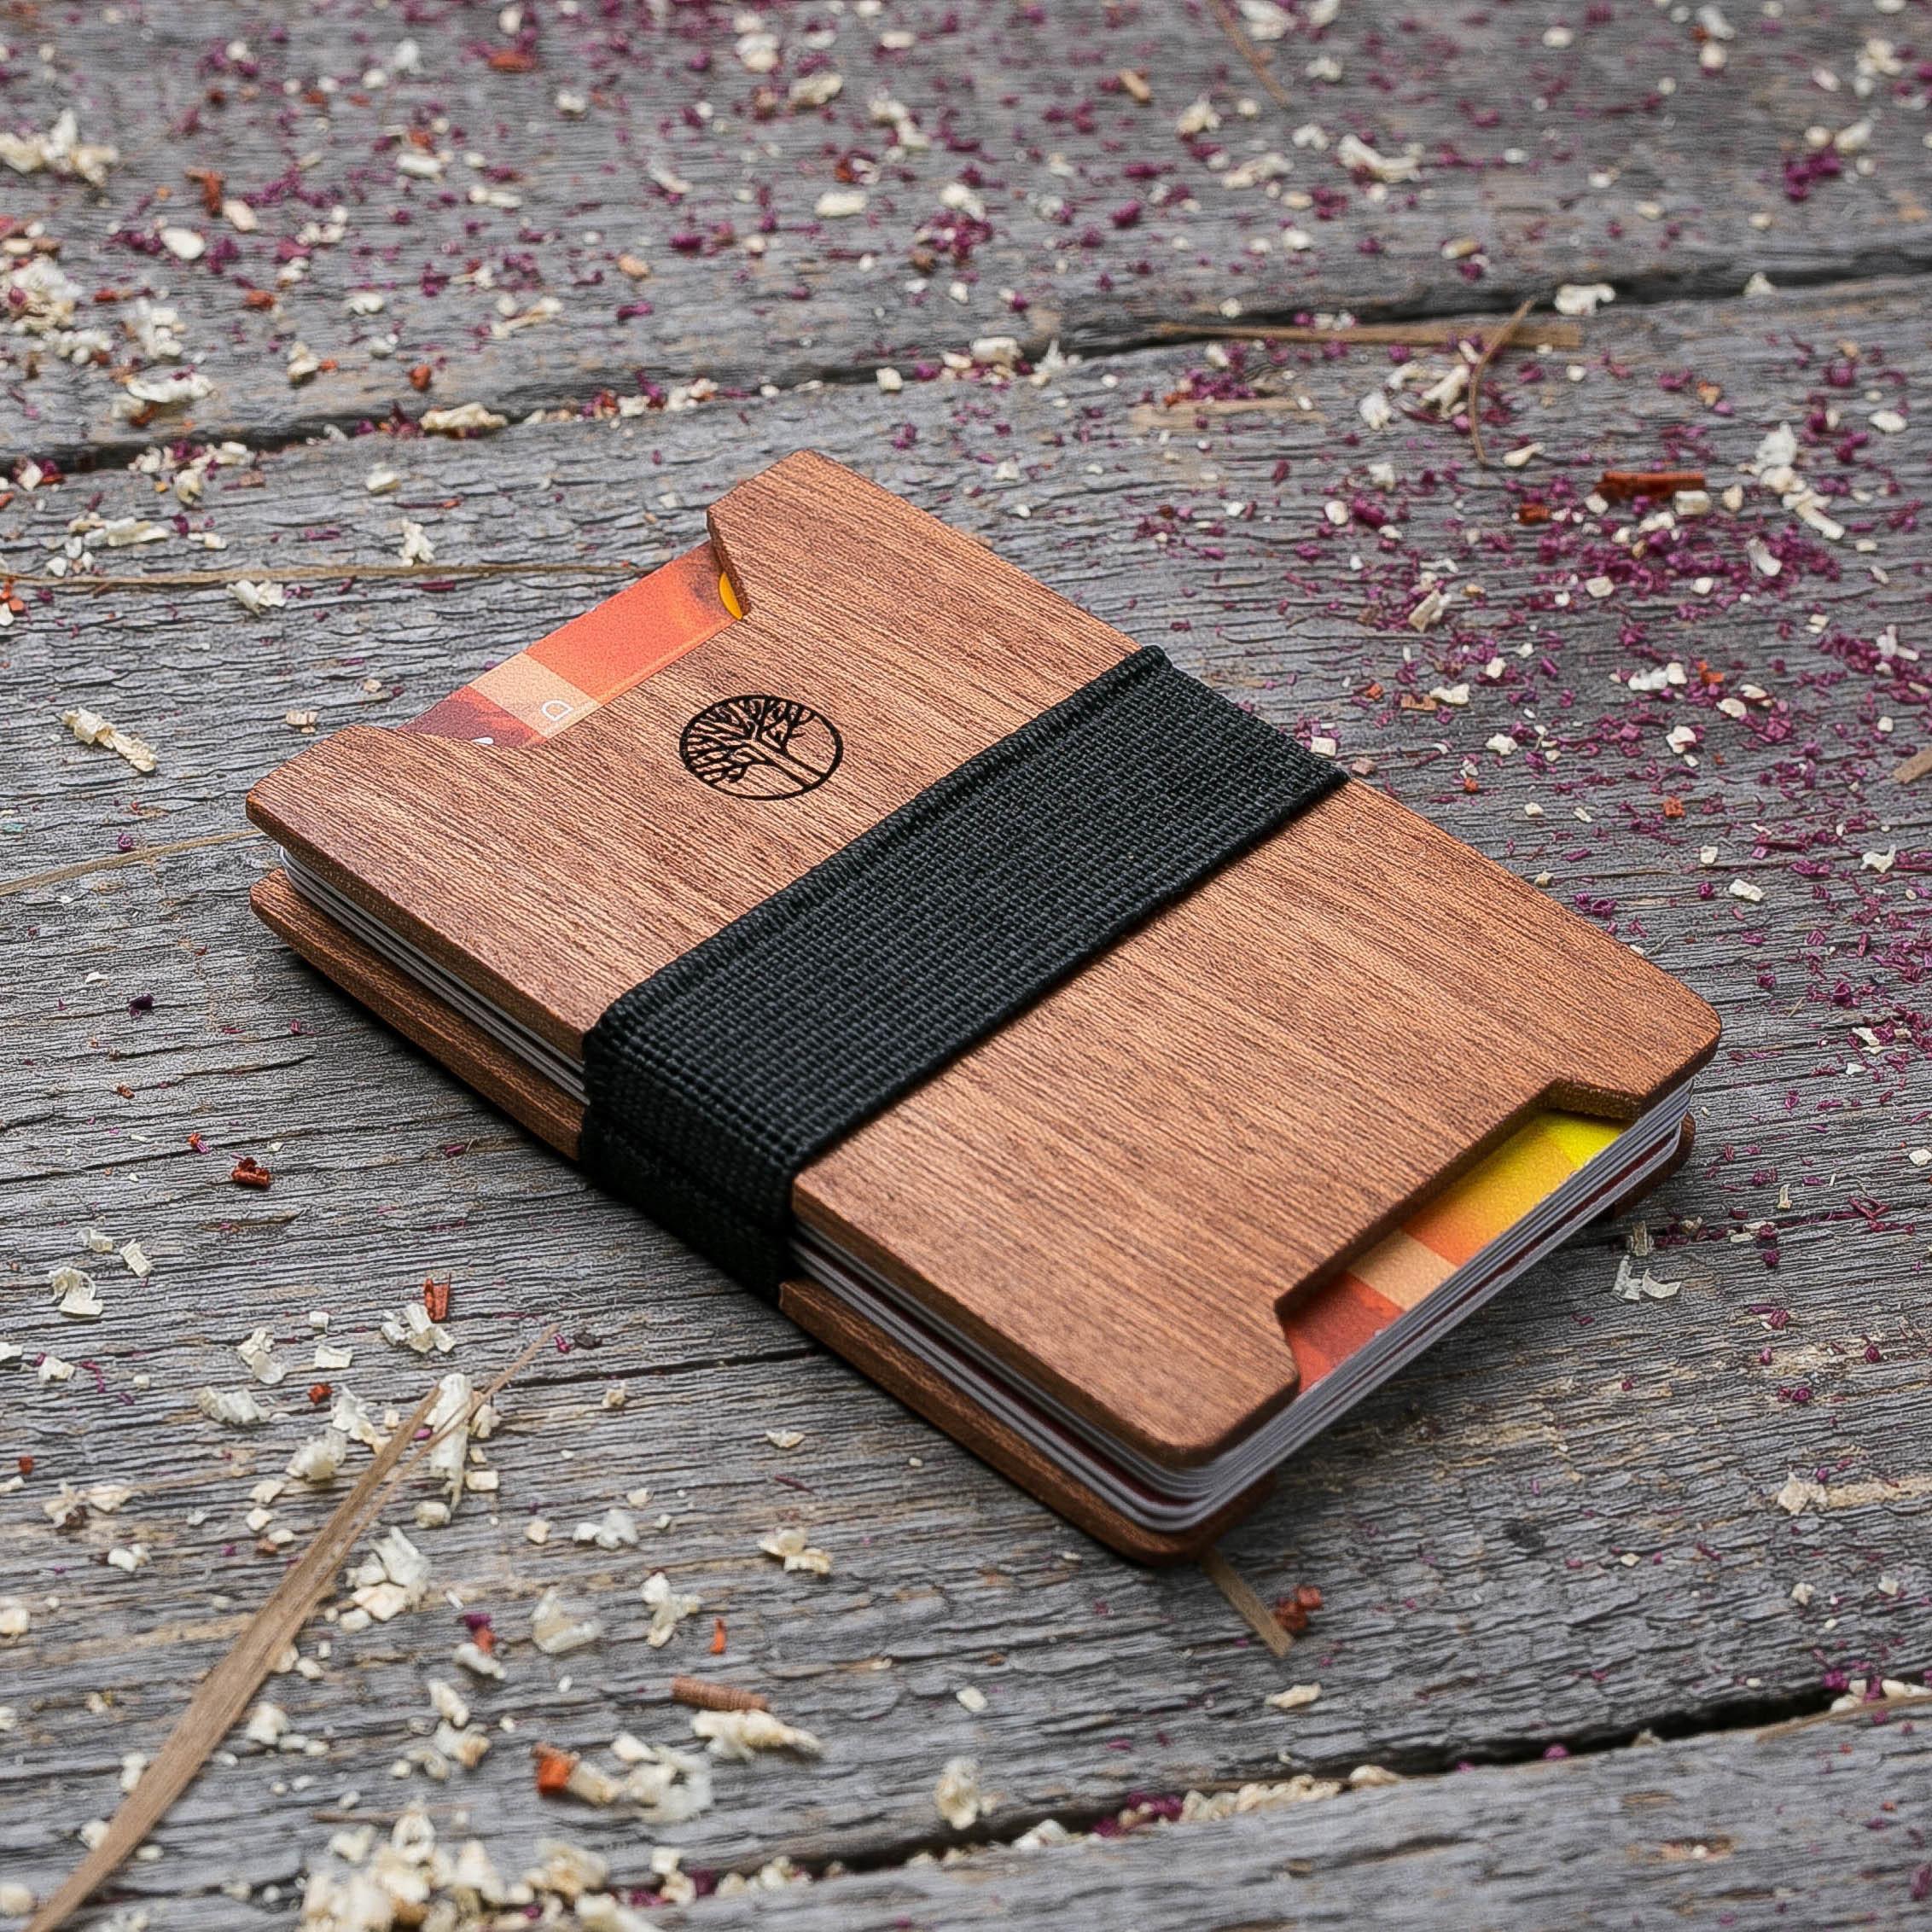 Мини кошелек-кардхолдер из дерева. Массив сапеле. Для 1-15 пластиковых карт и купюр. Подарок другу или бизнес партнеру, именной кошелек. Гравировка имени или логотипа + открытка из дерева TwinsMiniWallet-SapeleV